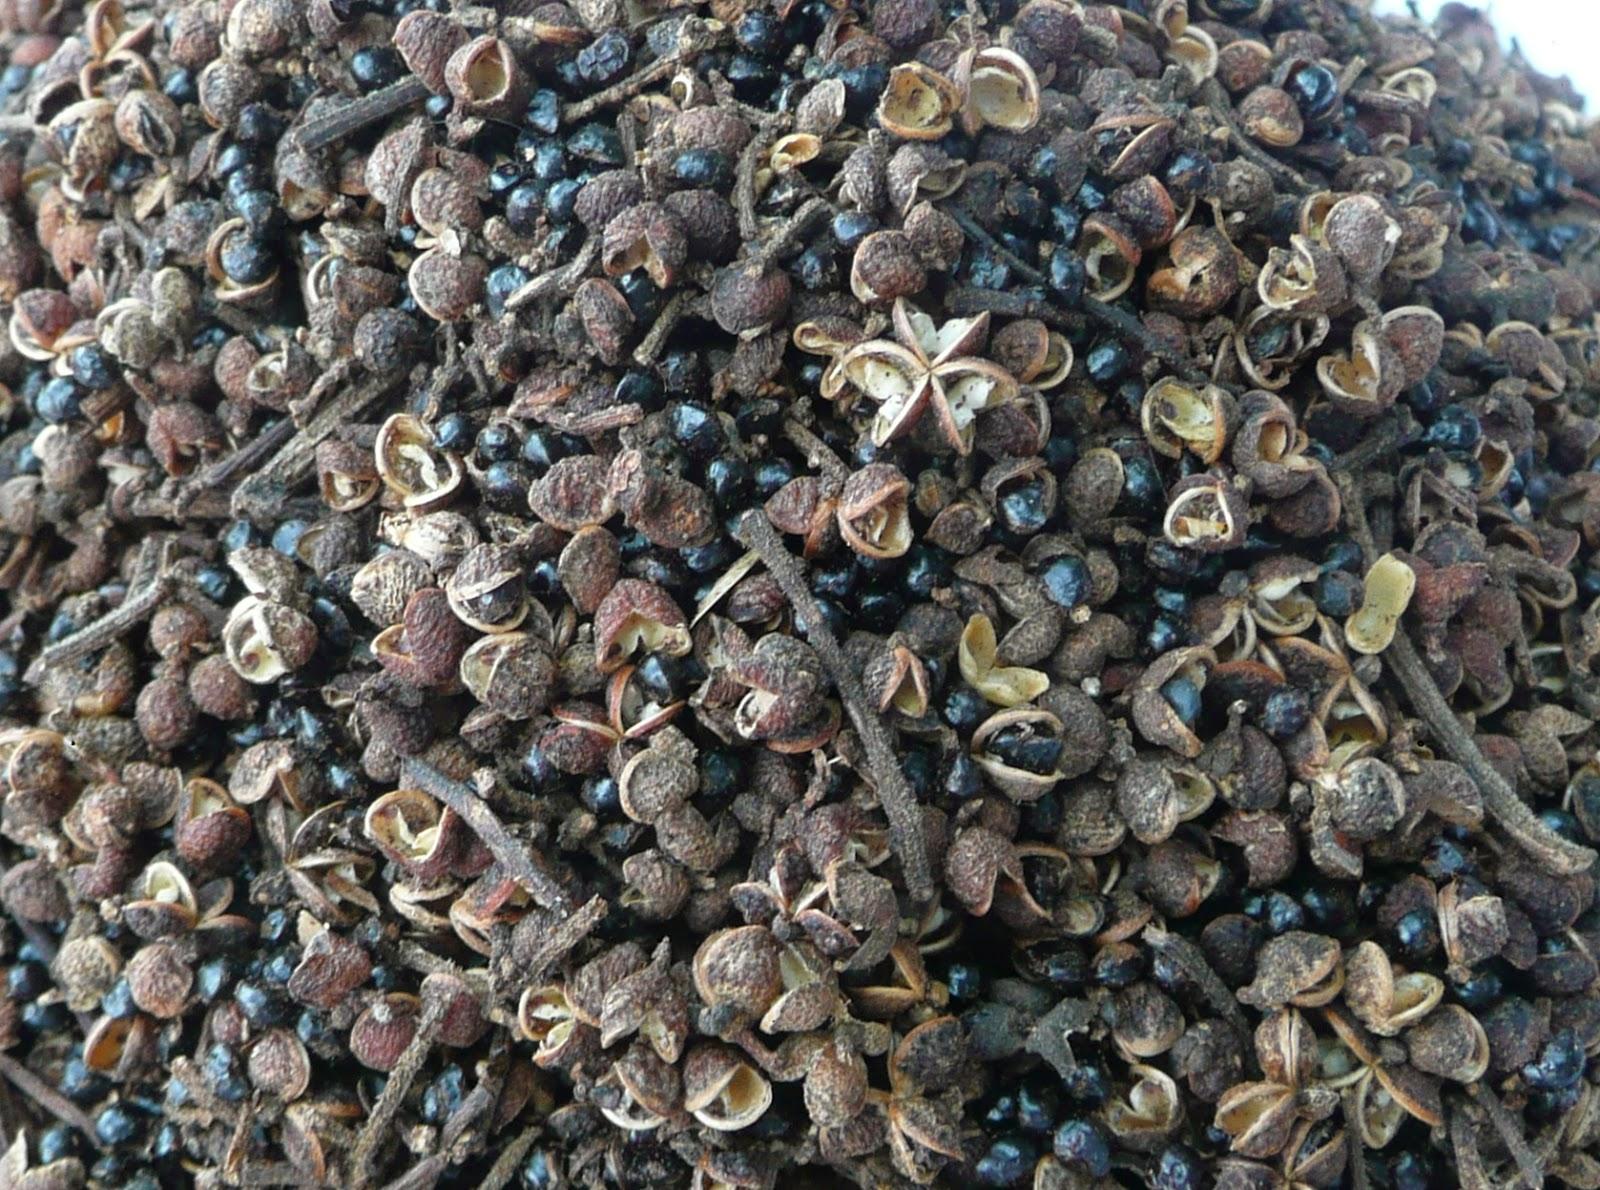 Hạt mắc khén là một loại gia vị đặc trưng cảu vùng núi tây bắc được người dân ở đây thường xuyên sử dụng để tẩm ướp các món ăn